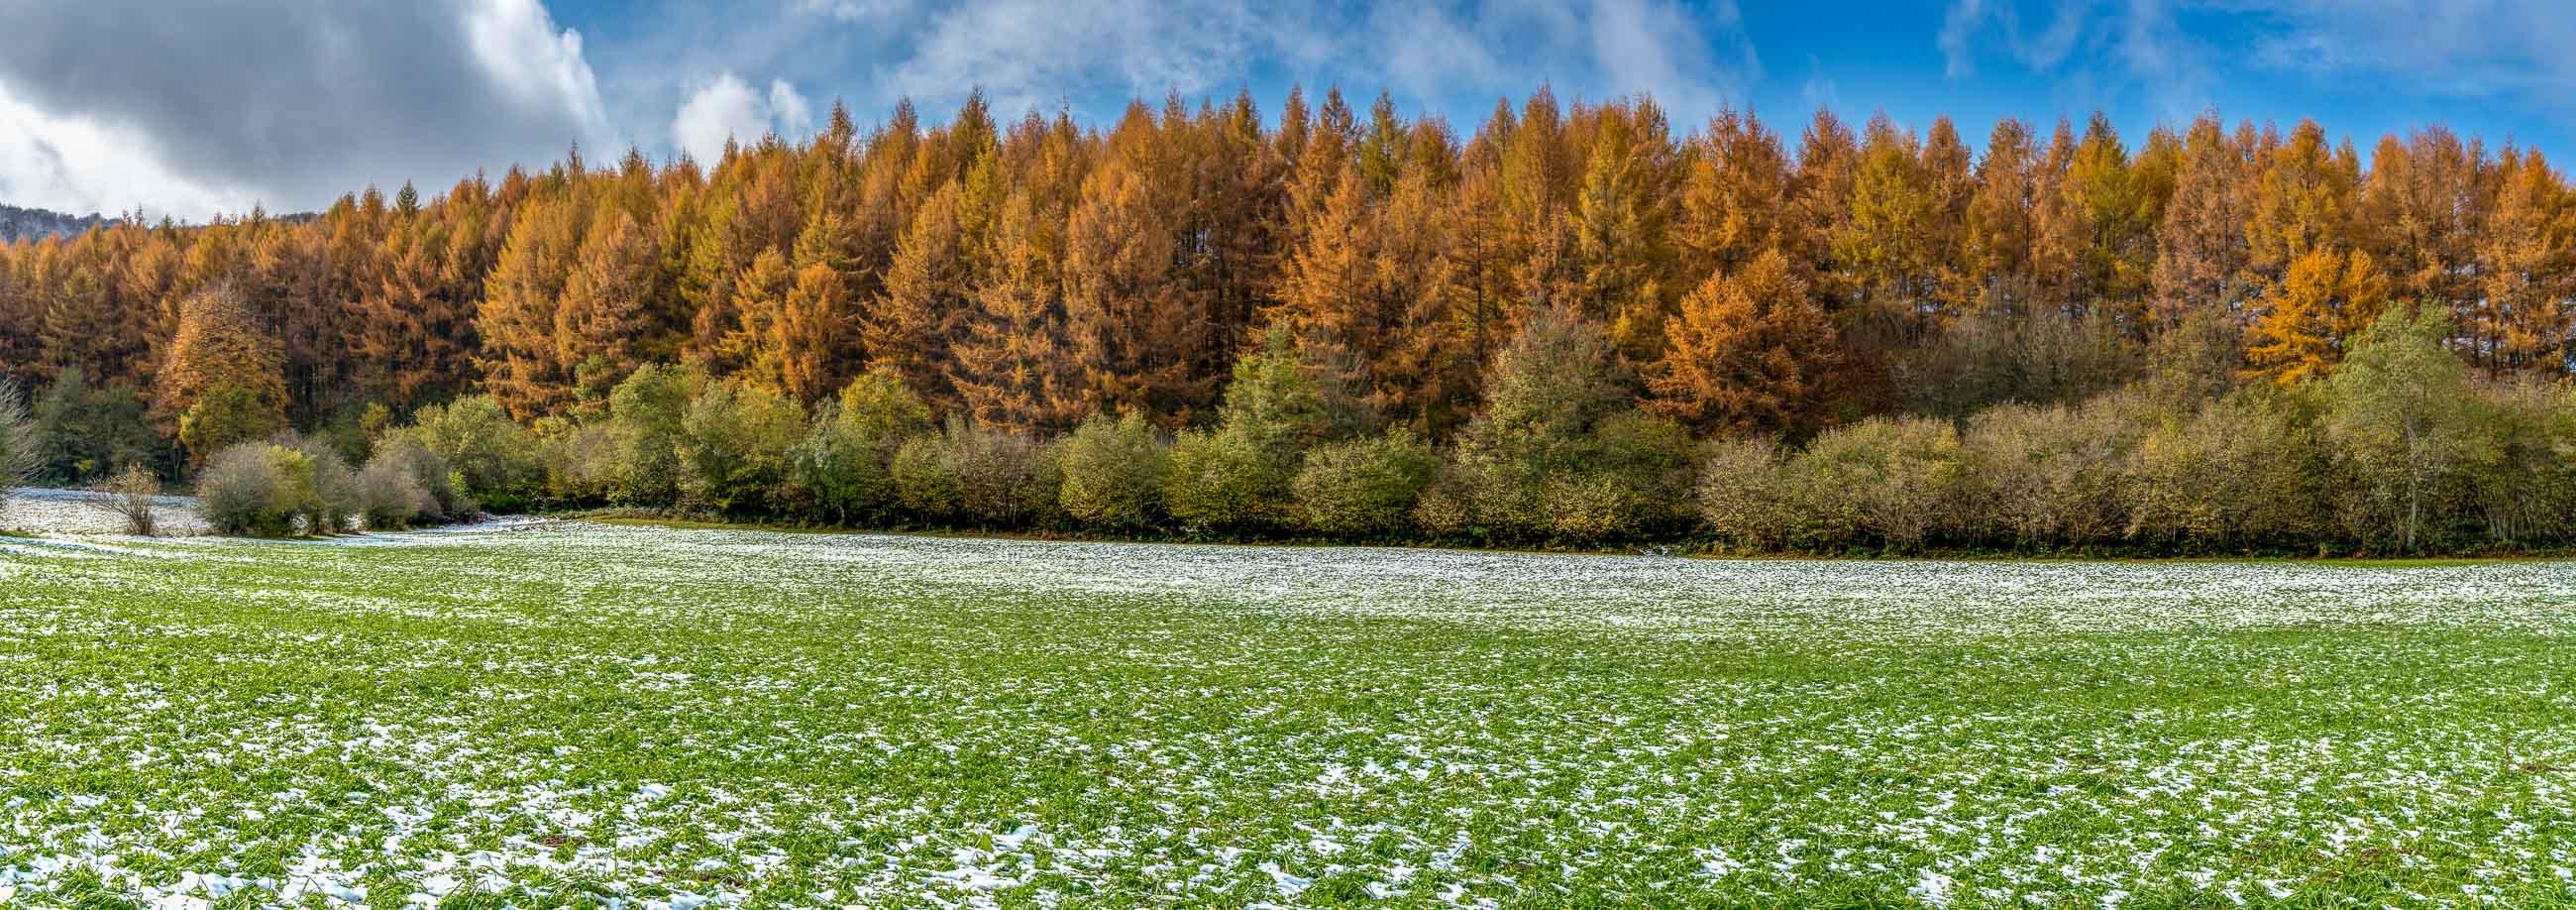 paisaje otoñal con nieve